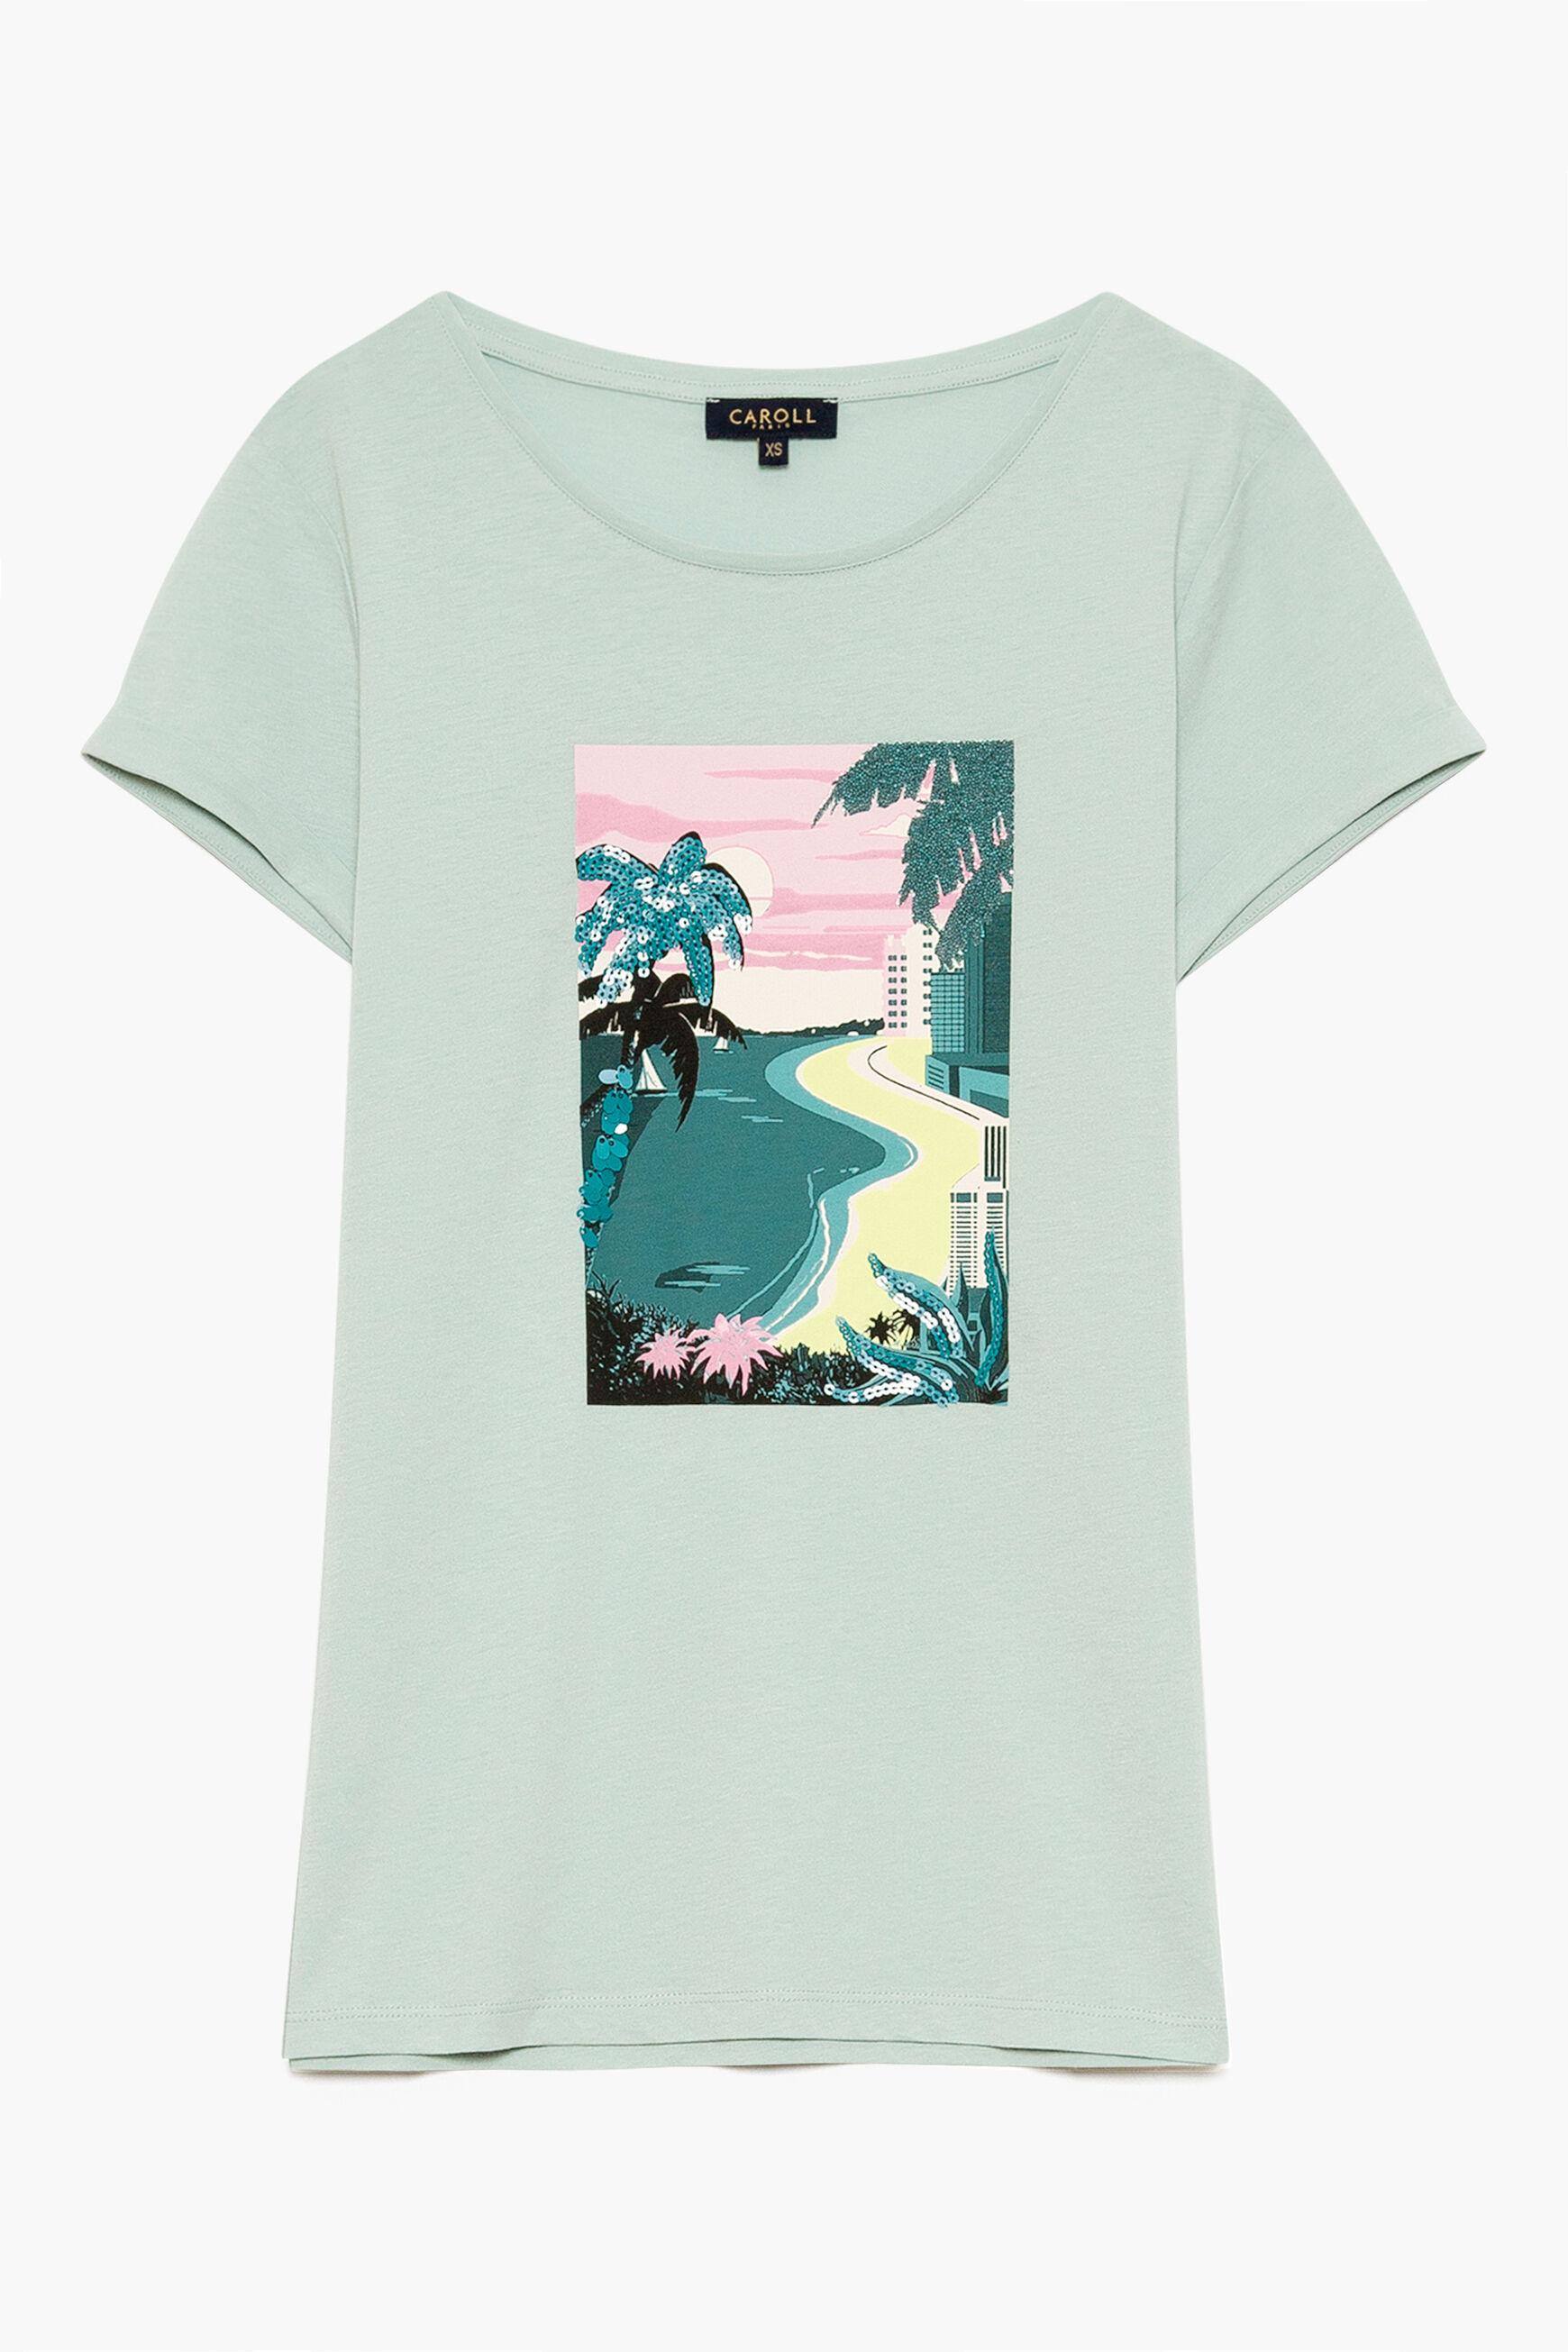 € AlteaKristalwit 35 Voor T Shirt Dames 00 zpGqMSUV